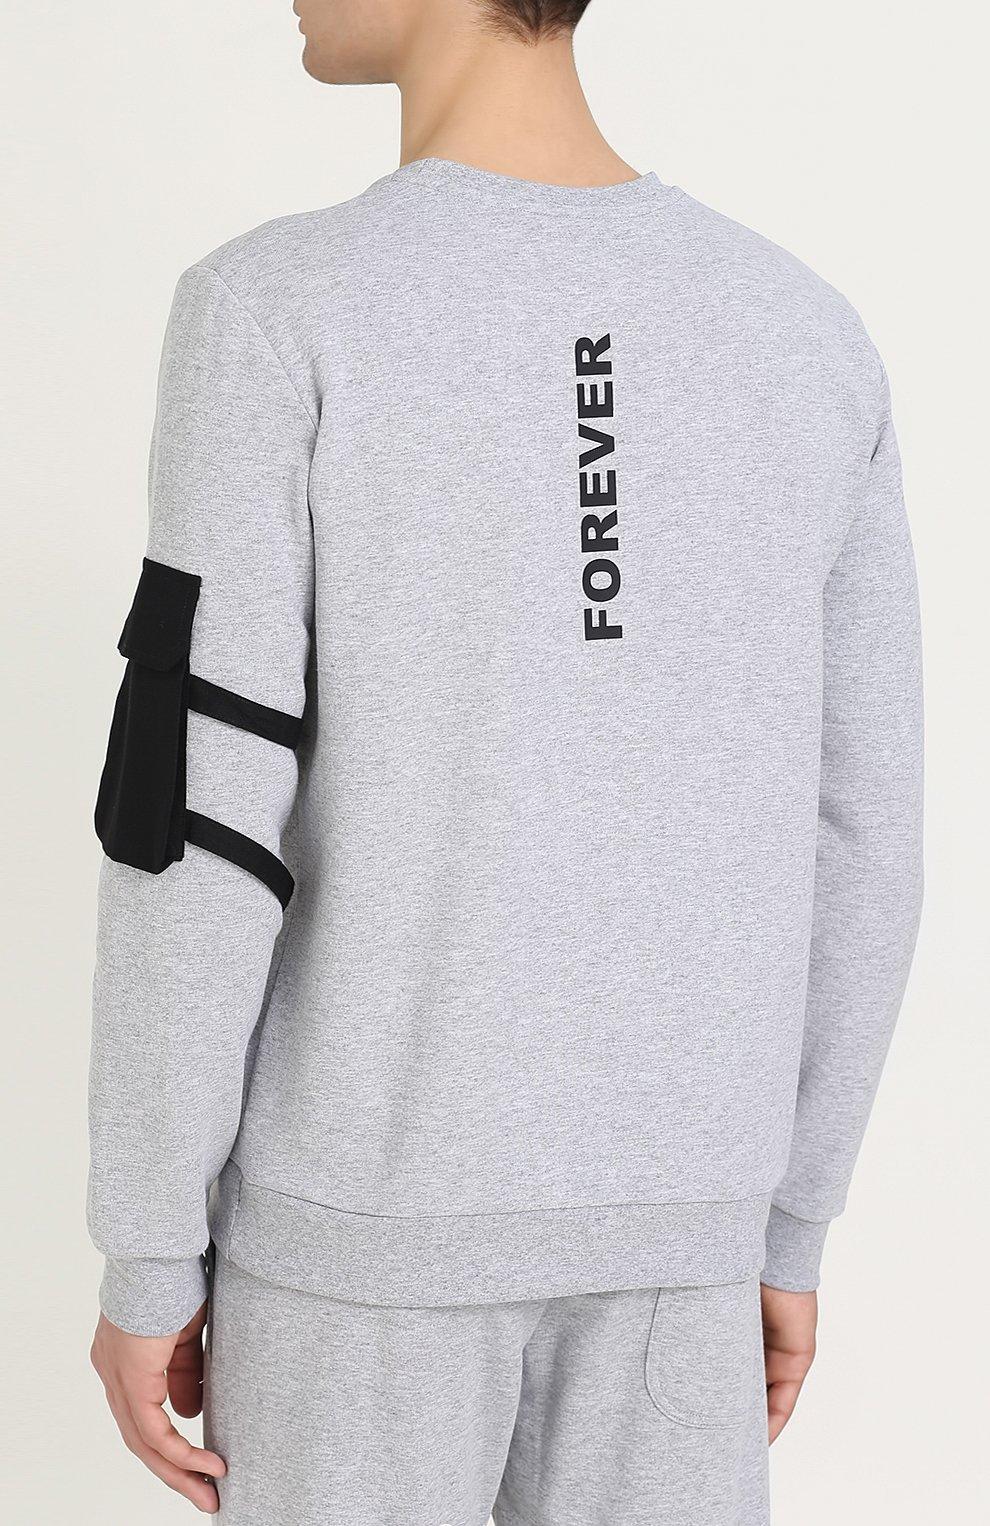 Хлопковый пуловер с принтом и значком | Фото №4